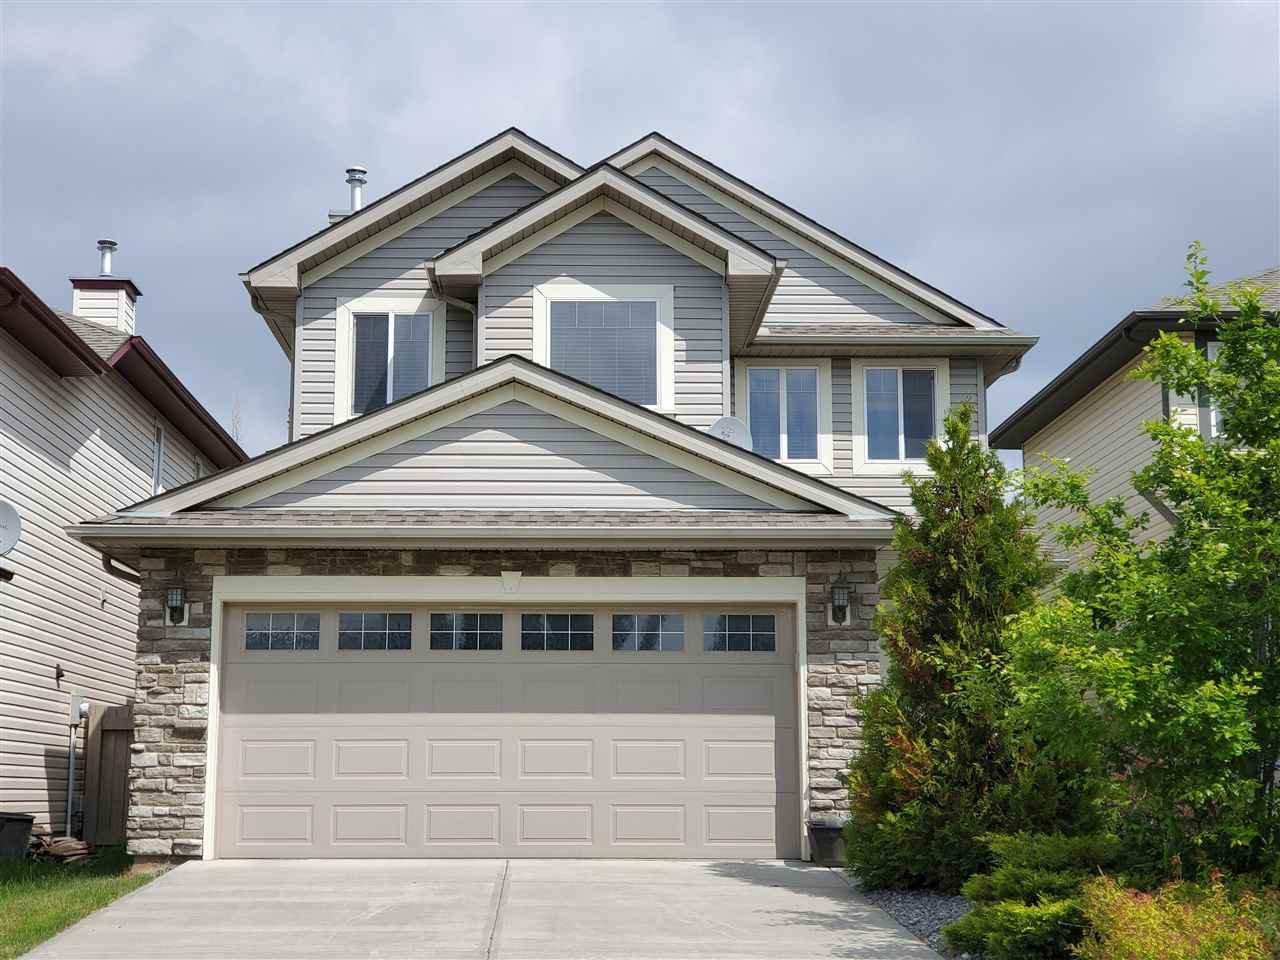 Main Photo: 7420 SINGER Landing in Edmonton: Zone 14 House for sale : MLS®# E4162916